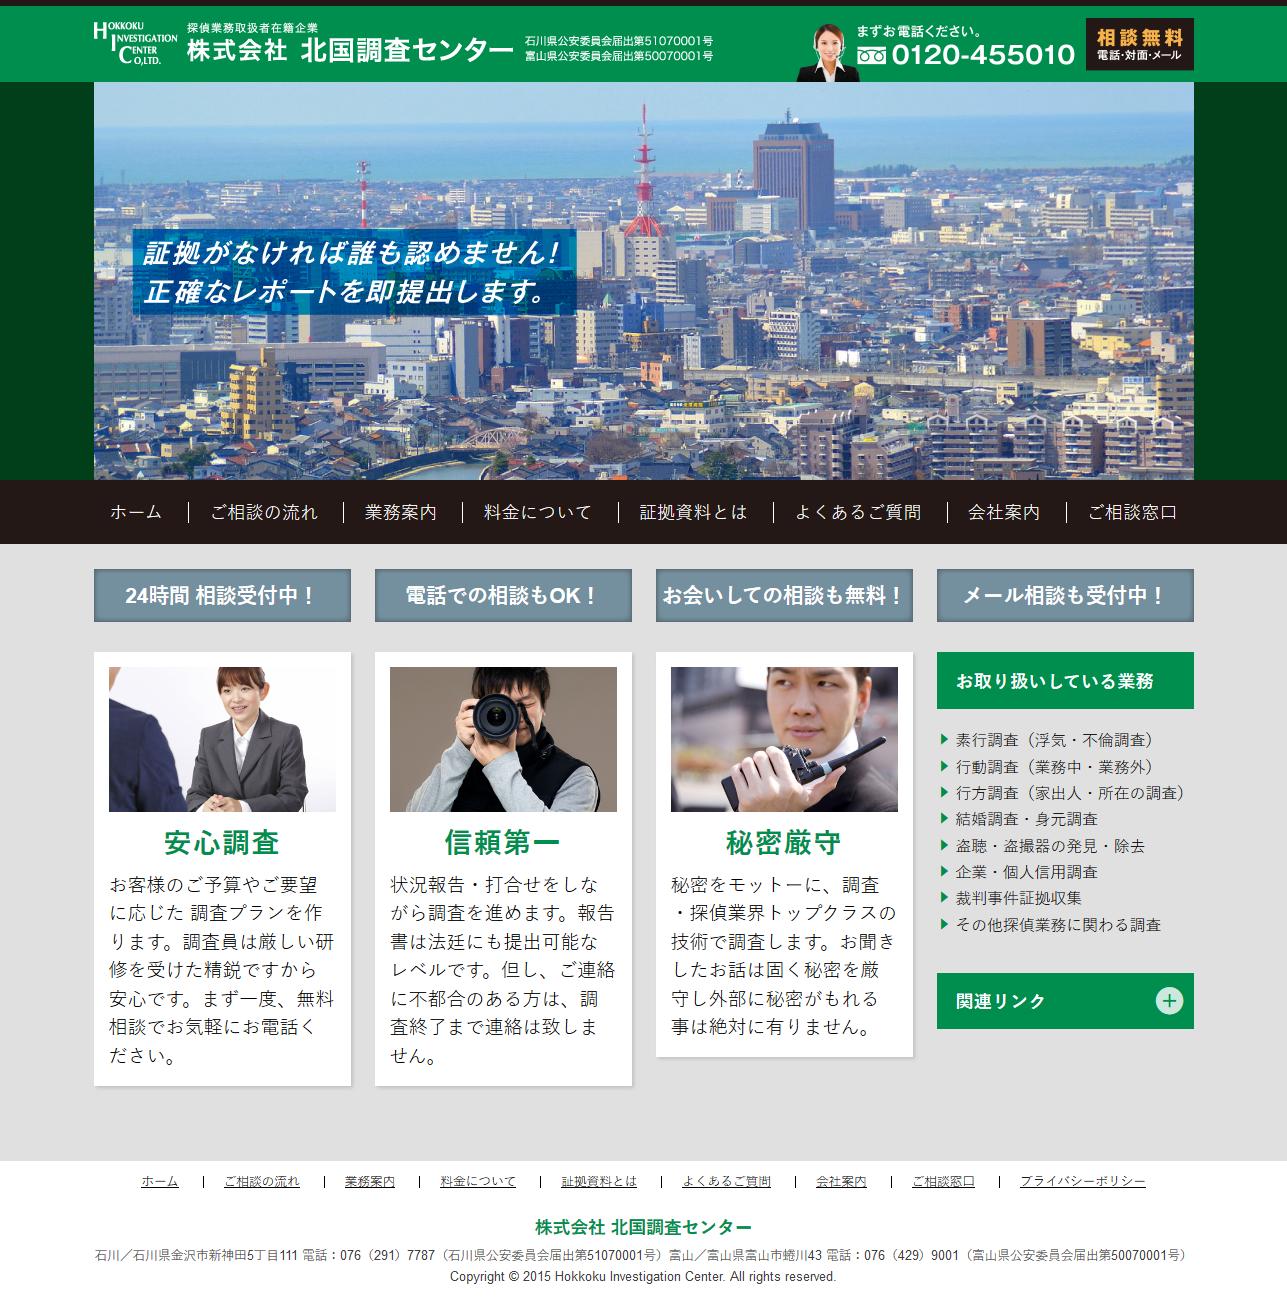 北国調査センター - 金沢・富山の地元探偵社